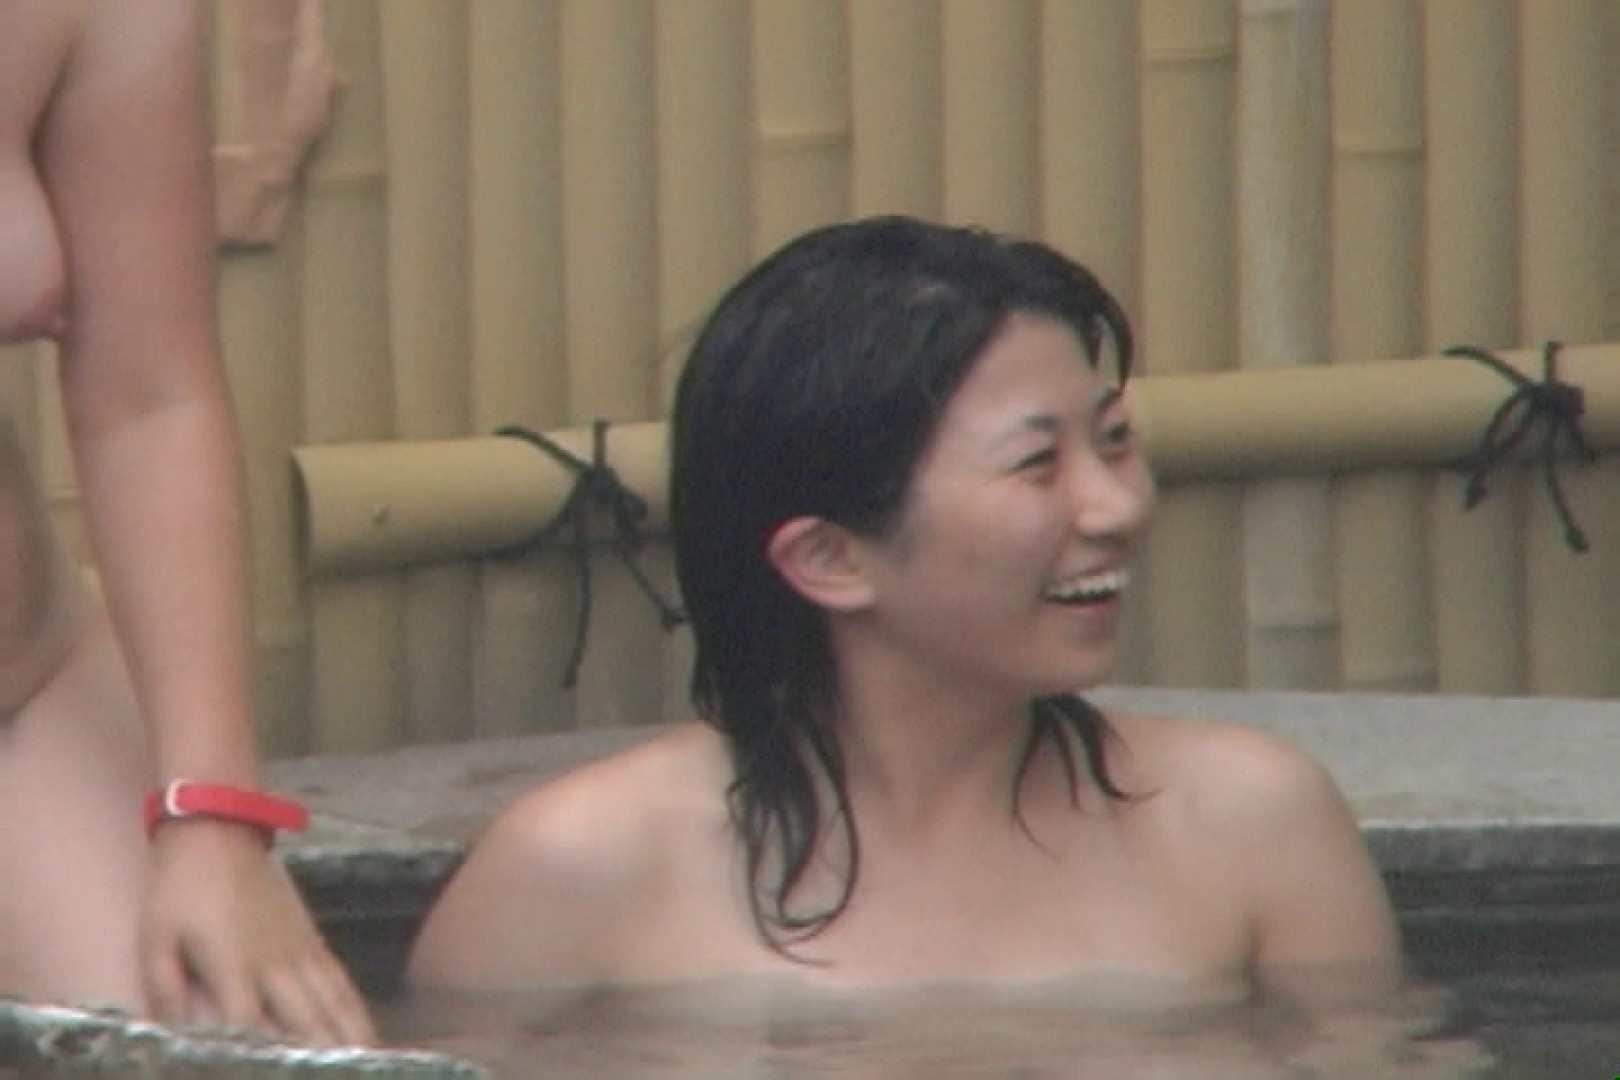 Aquaな露天風呂Vol.43【VIP限定】 露天風呂突入 覗きおまんこ画像 74pic 53